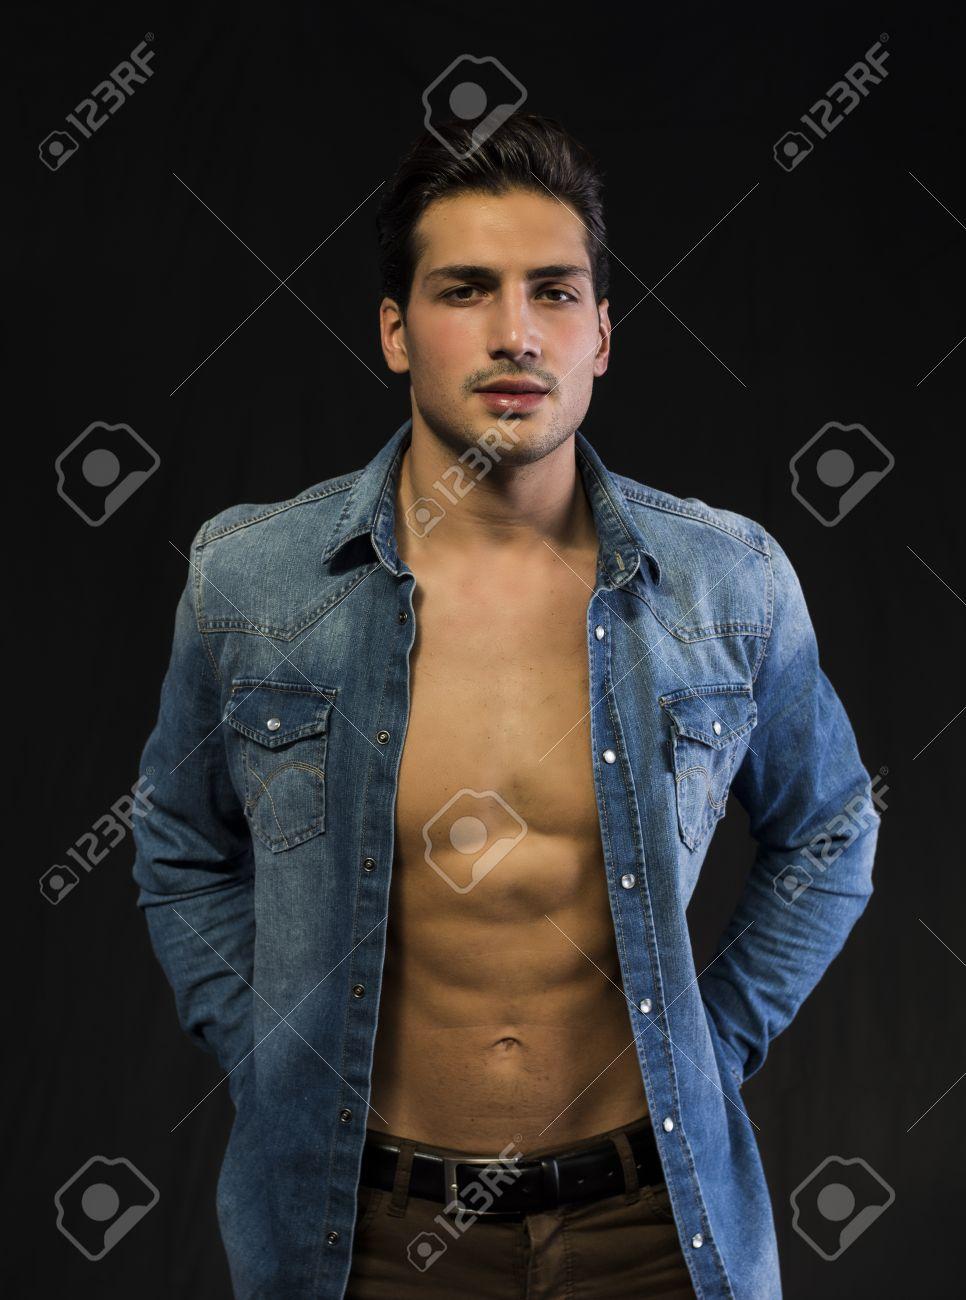 Naked young latino boys foto 922